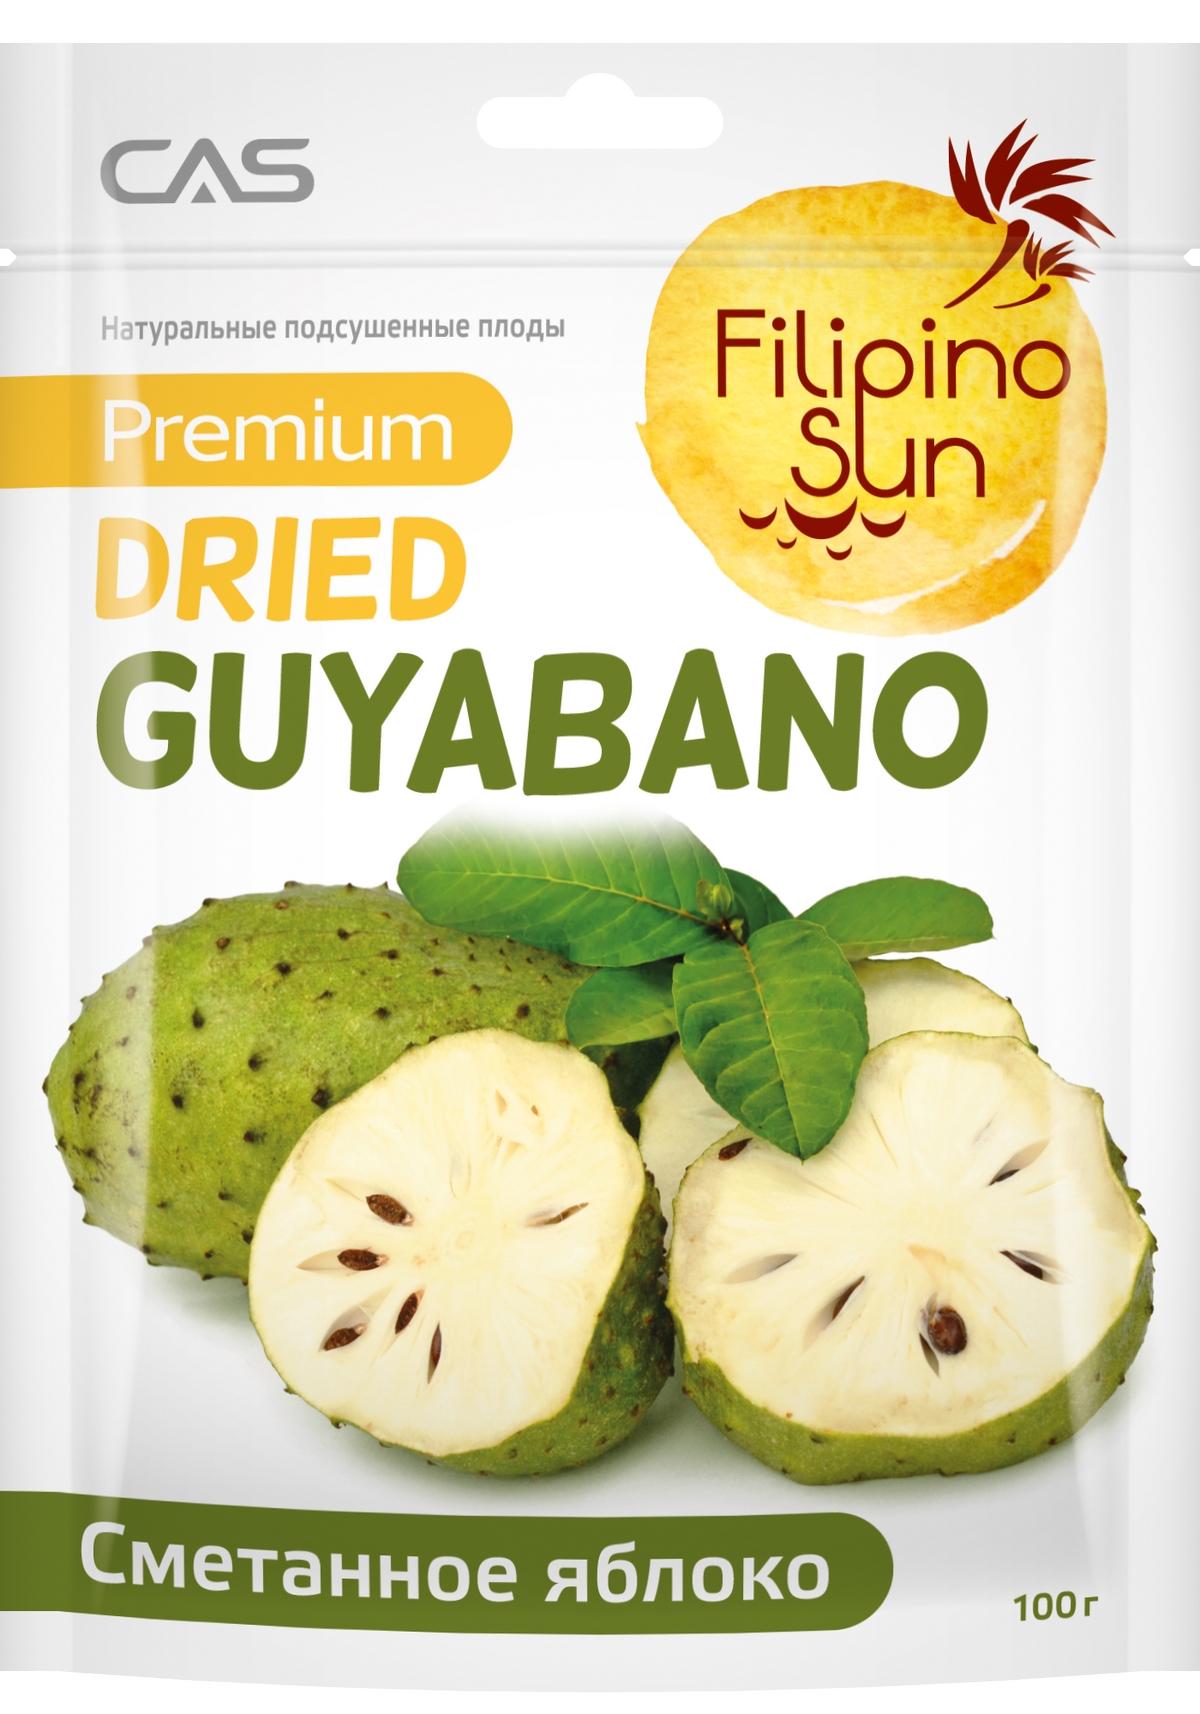 Плоды Сметанного яблока сушеного Filipino Sun Филиппины